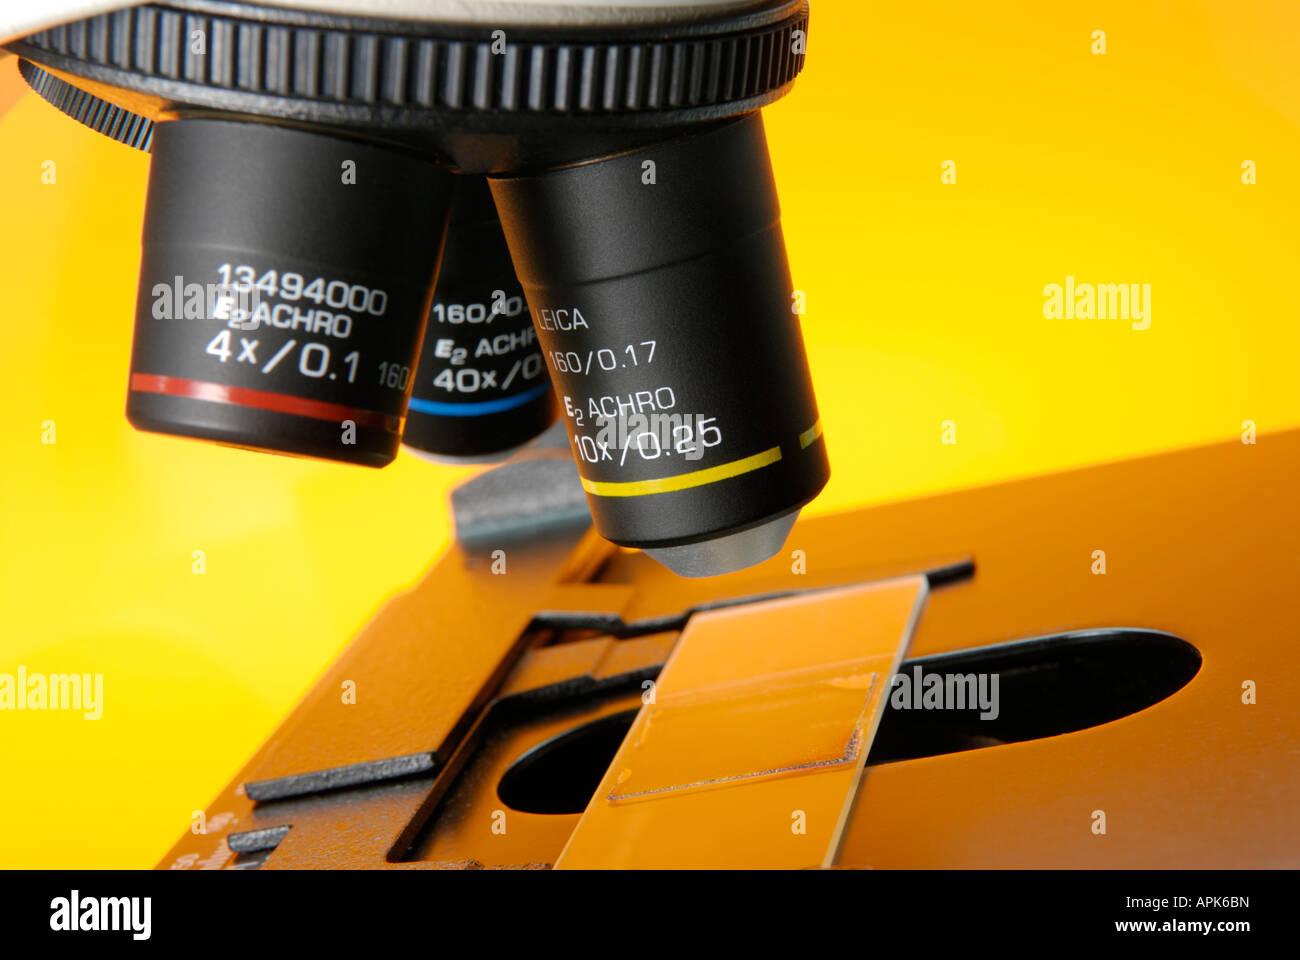 Close up di un microscopio in un laboratorio di ricerca che mostra le lenti di obiettivo e una slitta Immagini Stock